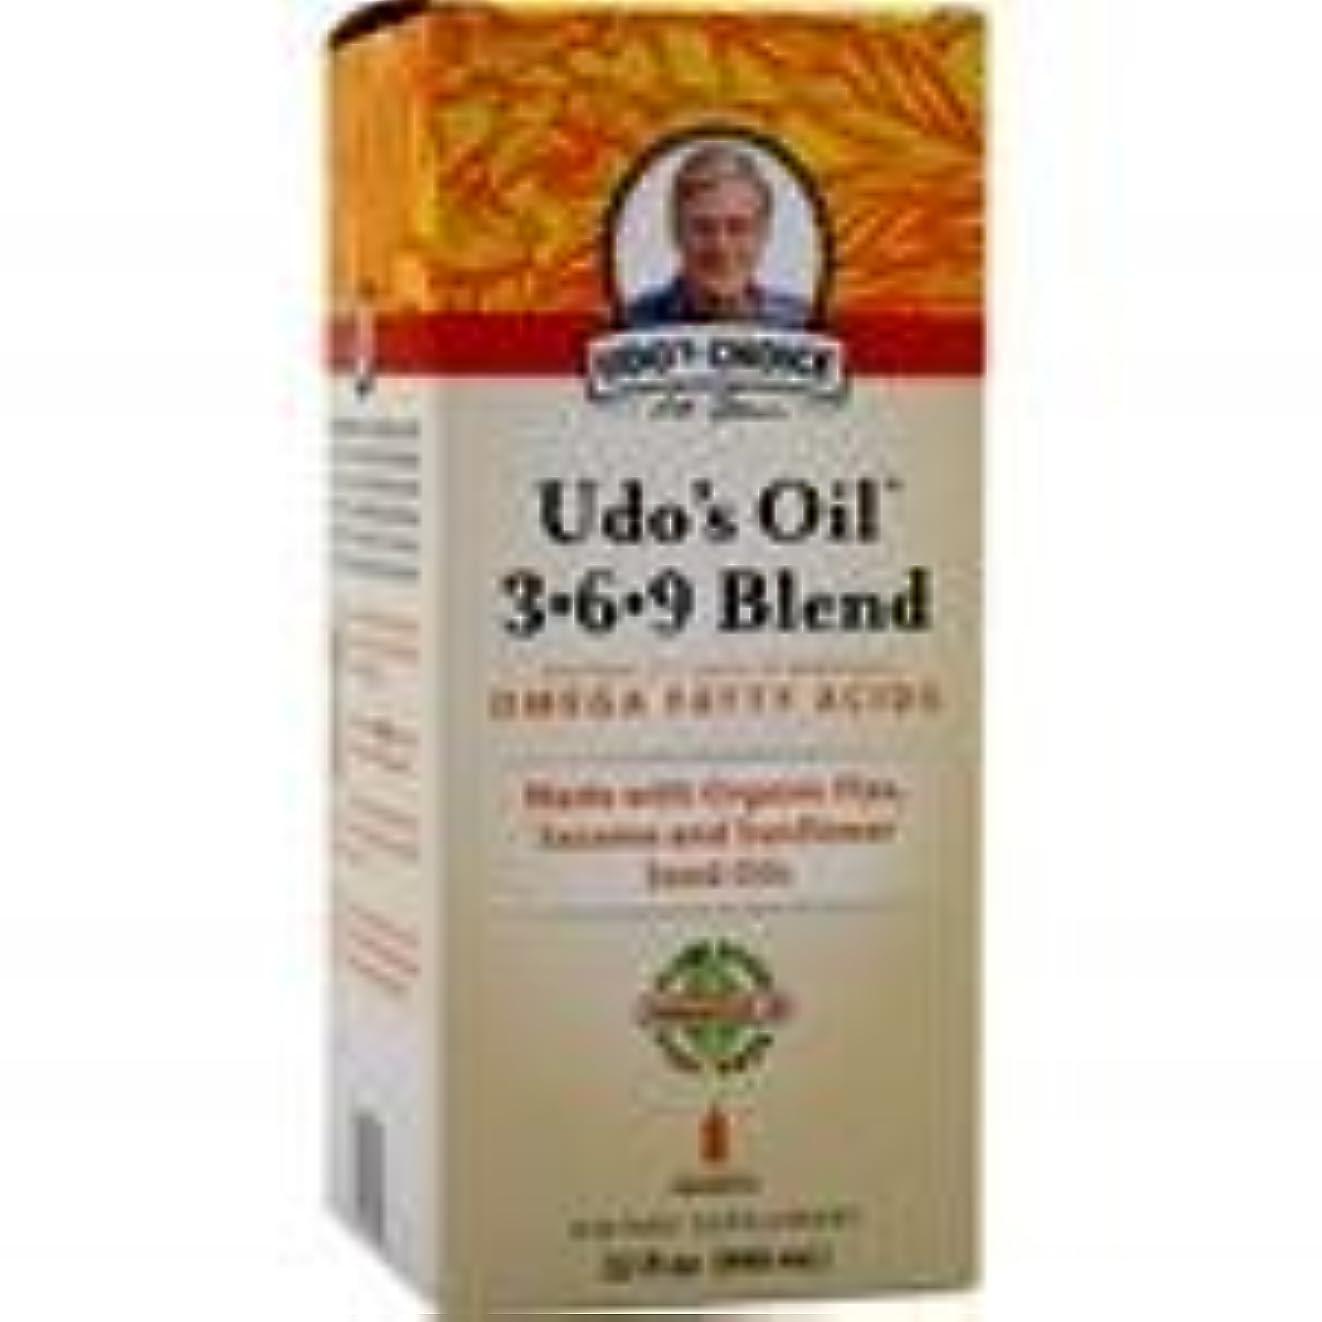 関係お母さん遅れUdo's Oil 3-6-9 Blend Liquid 32 fl.oz 4個パック